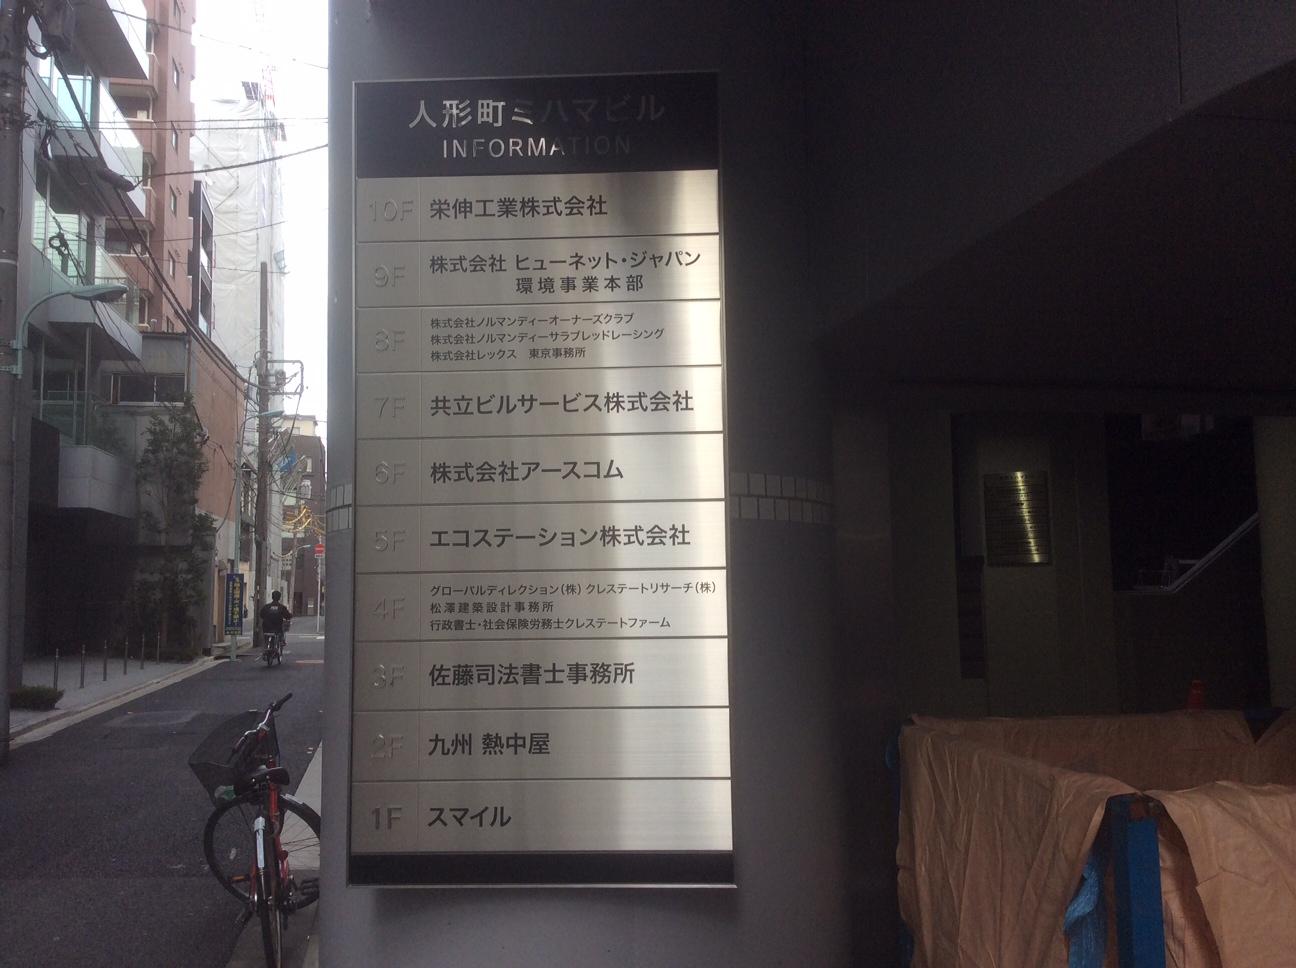 坂田建設様 人形町ミハマビル (2)